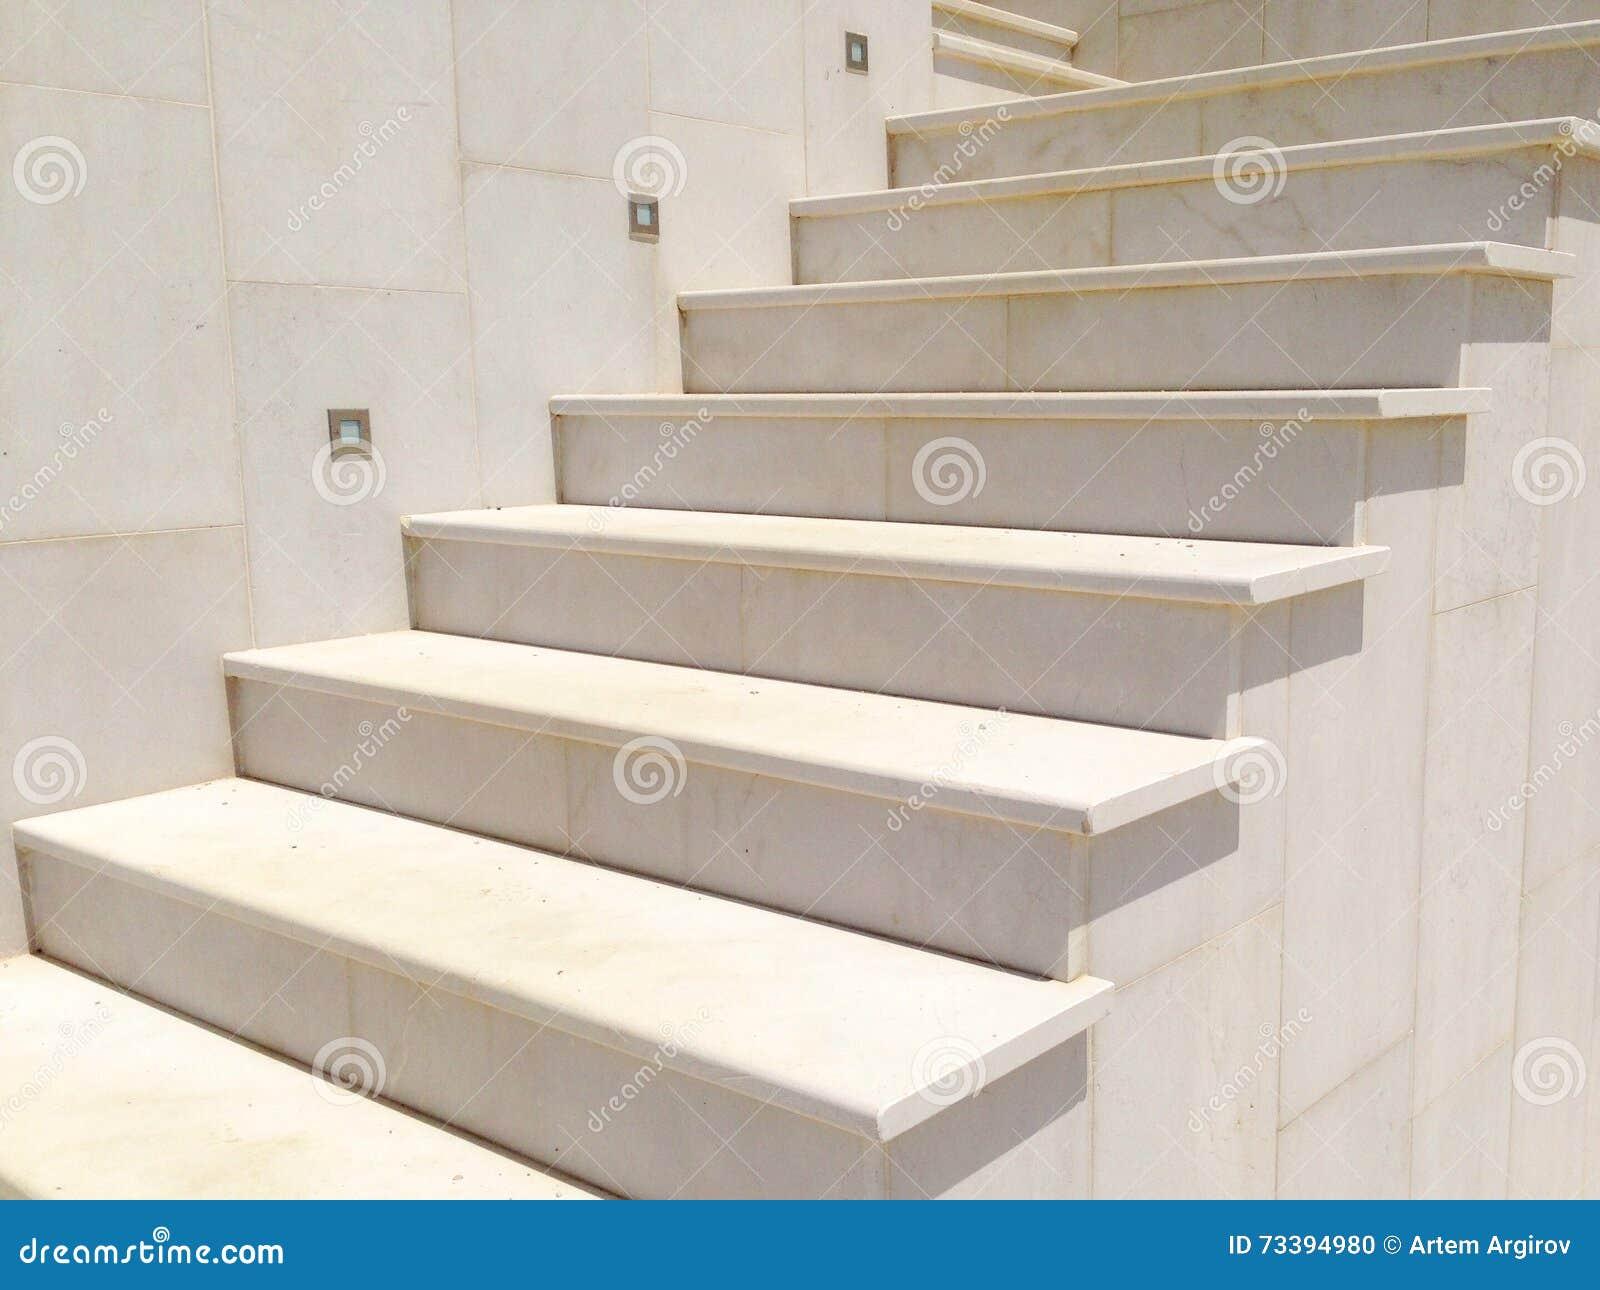 Piedra caliza blanca precio affordable with piedra caliza blanca precio amazing oferta losas - Piedra caliza precio ...